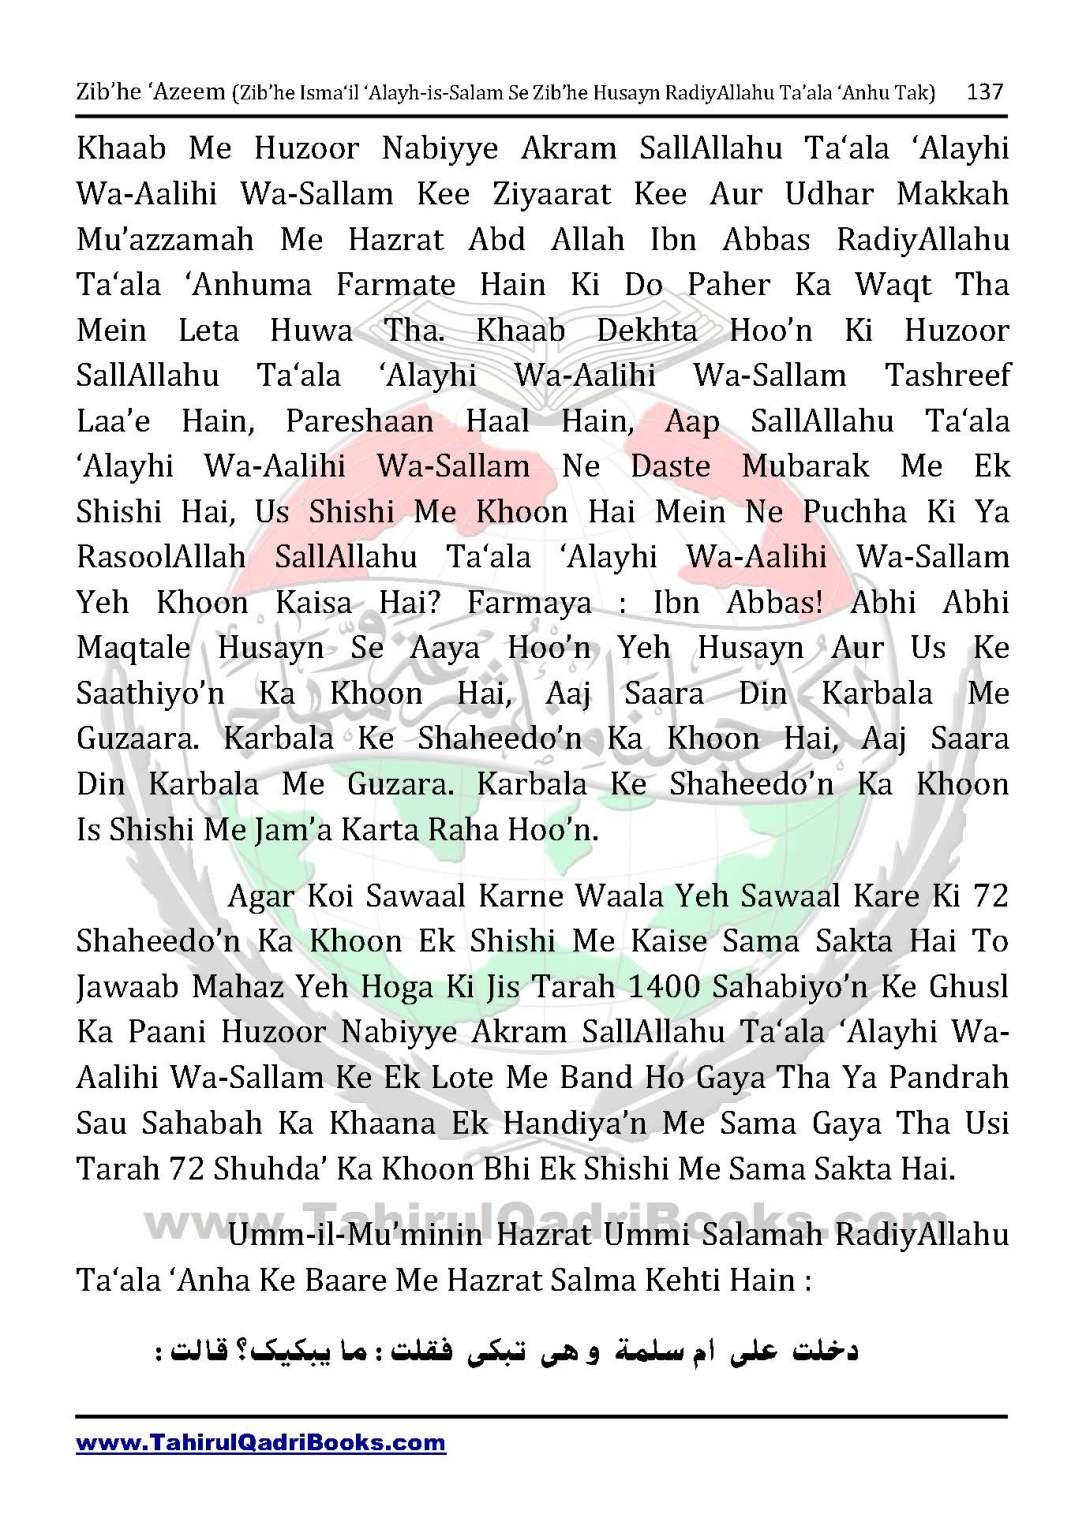 zib_he-e28098azeem-zib_he-ismacabbil-se-zib_he-husayn-tak-in-roman-urdu-unlocked_Page_137